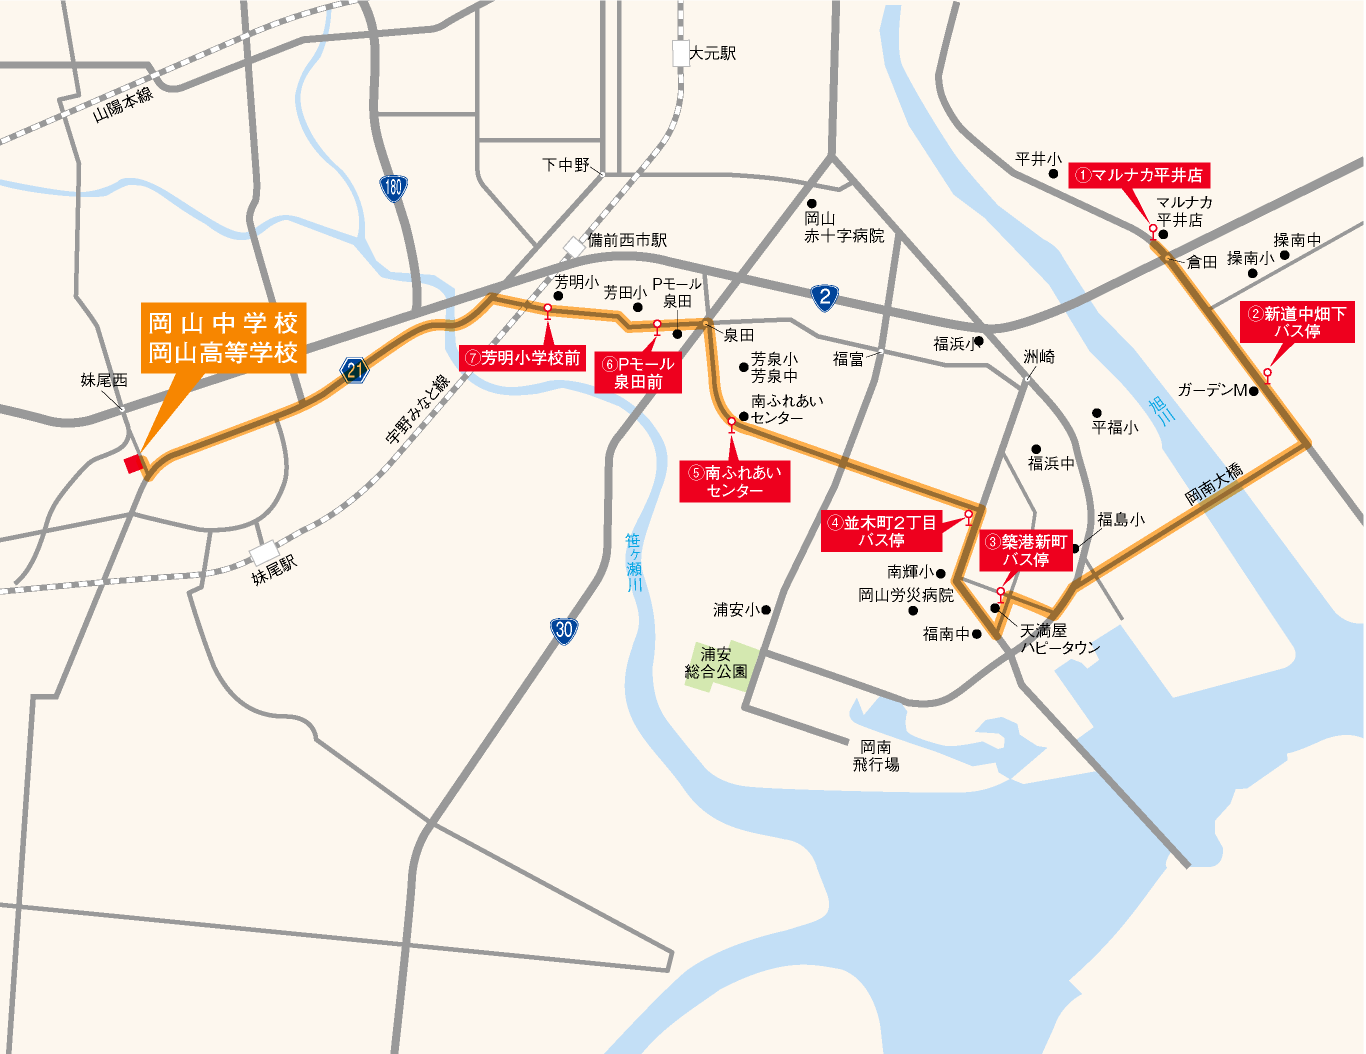 サウスライナー路線図